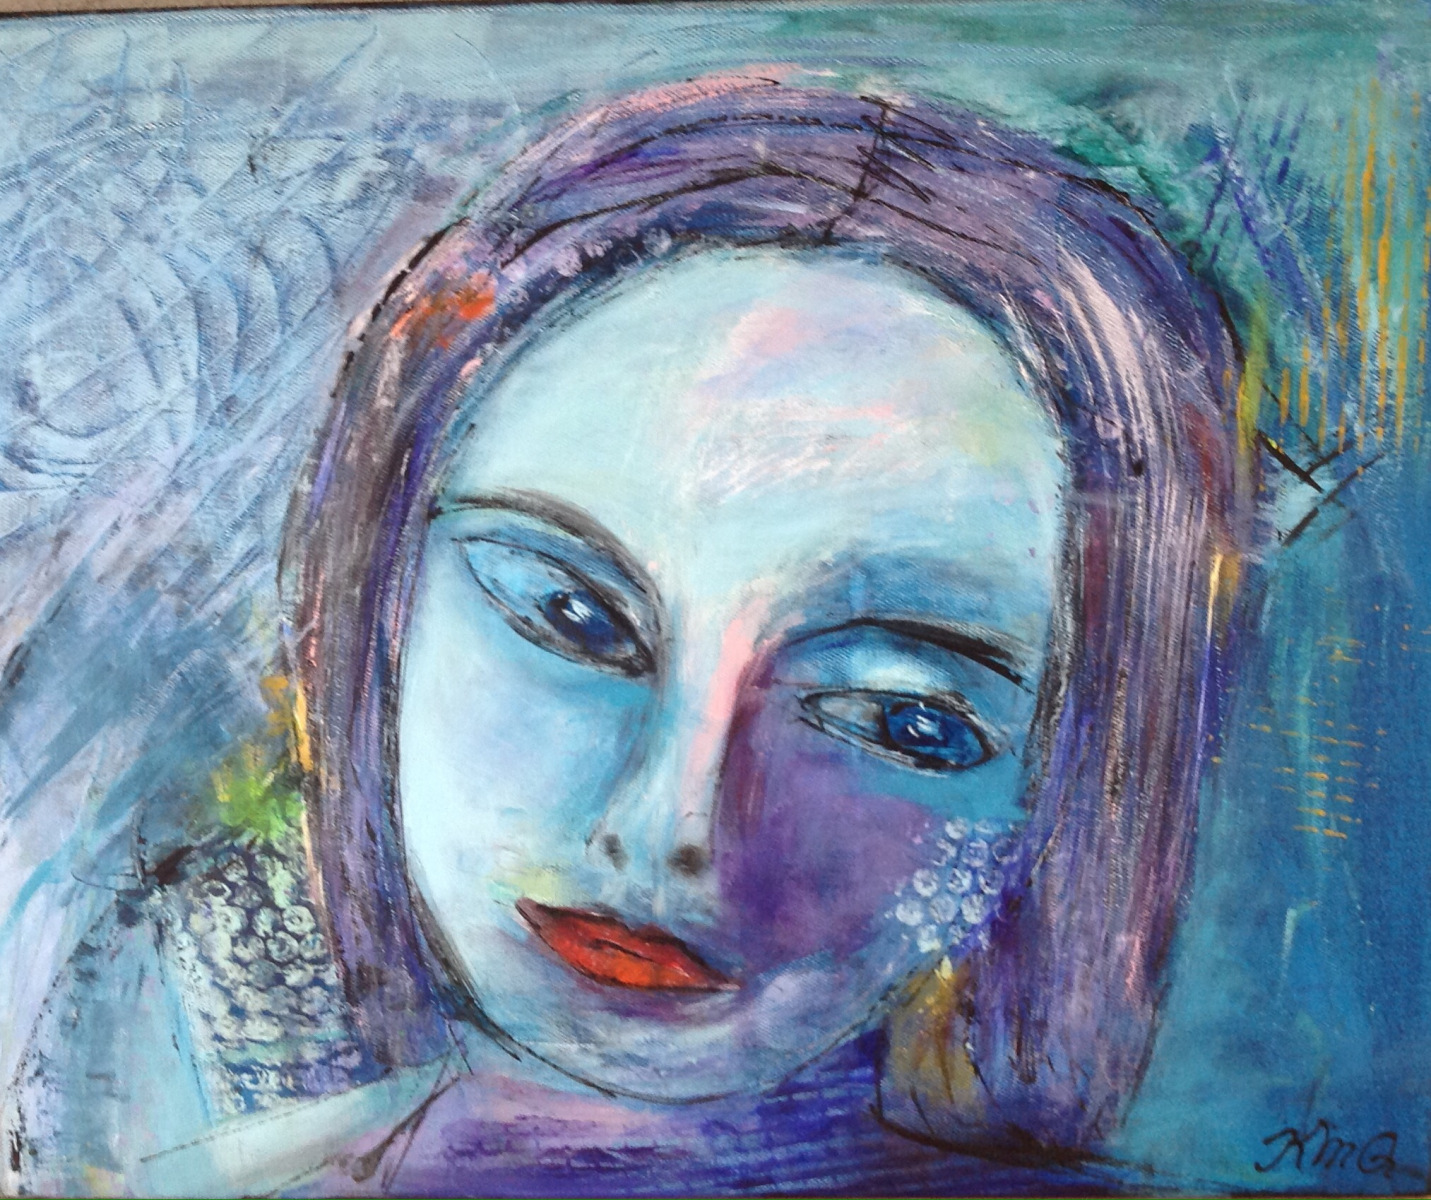 Leg med portræt maling  på kursus i Grenå